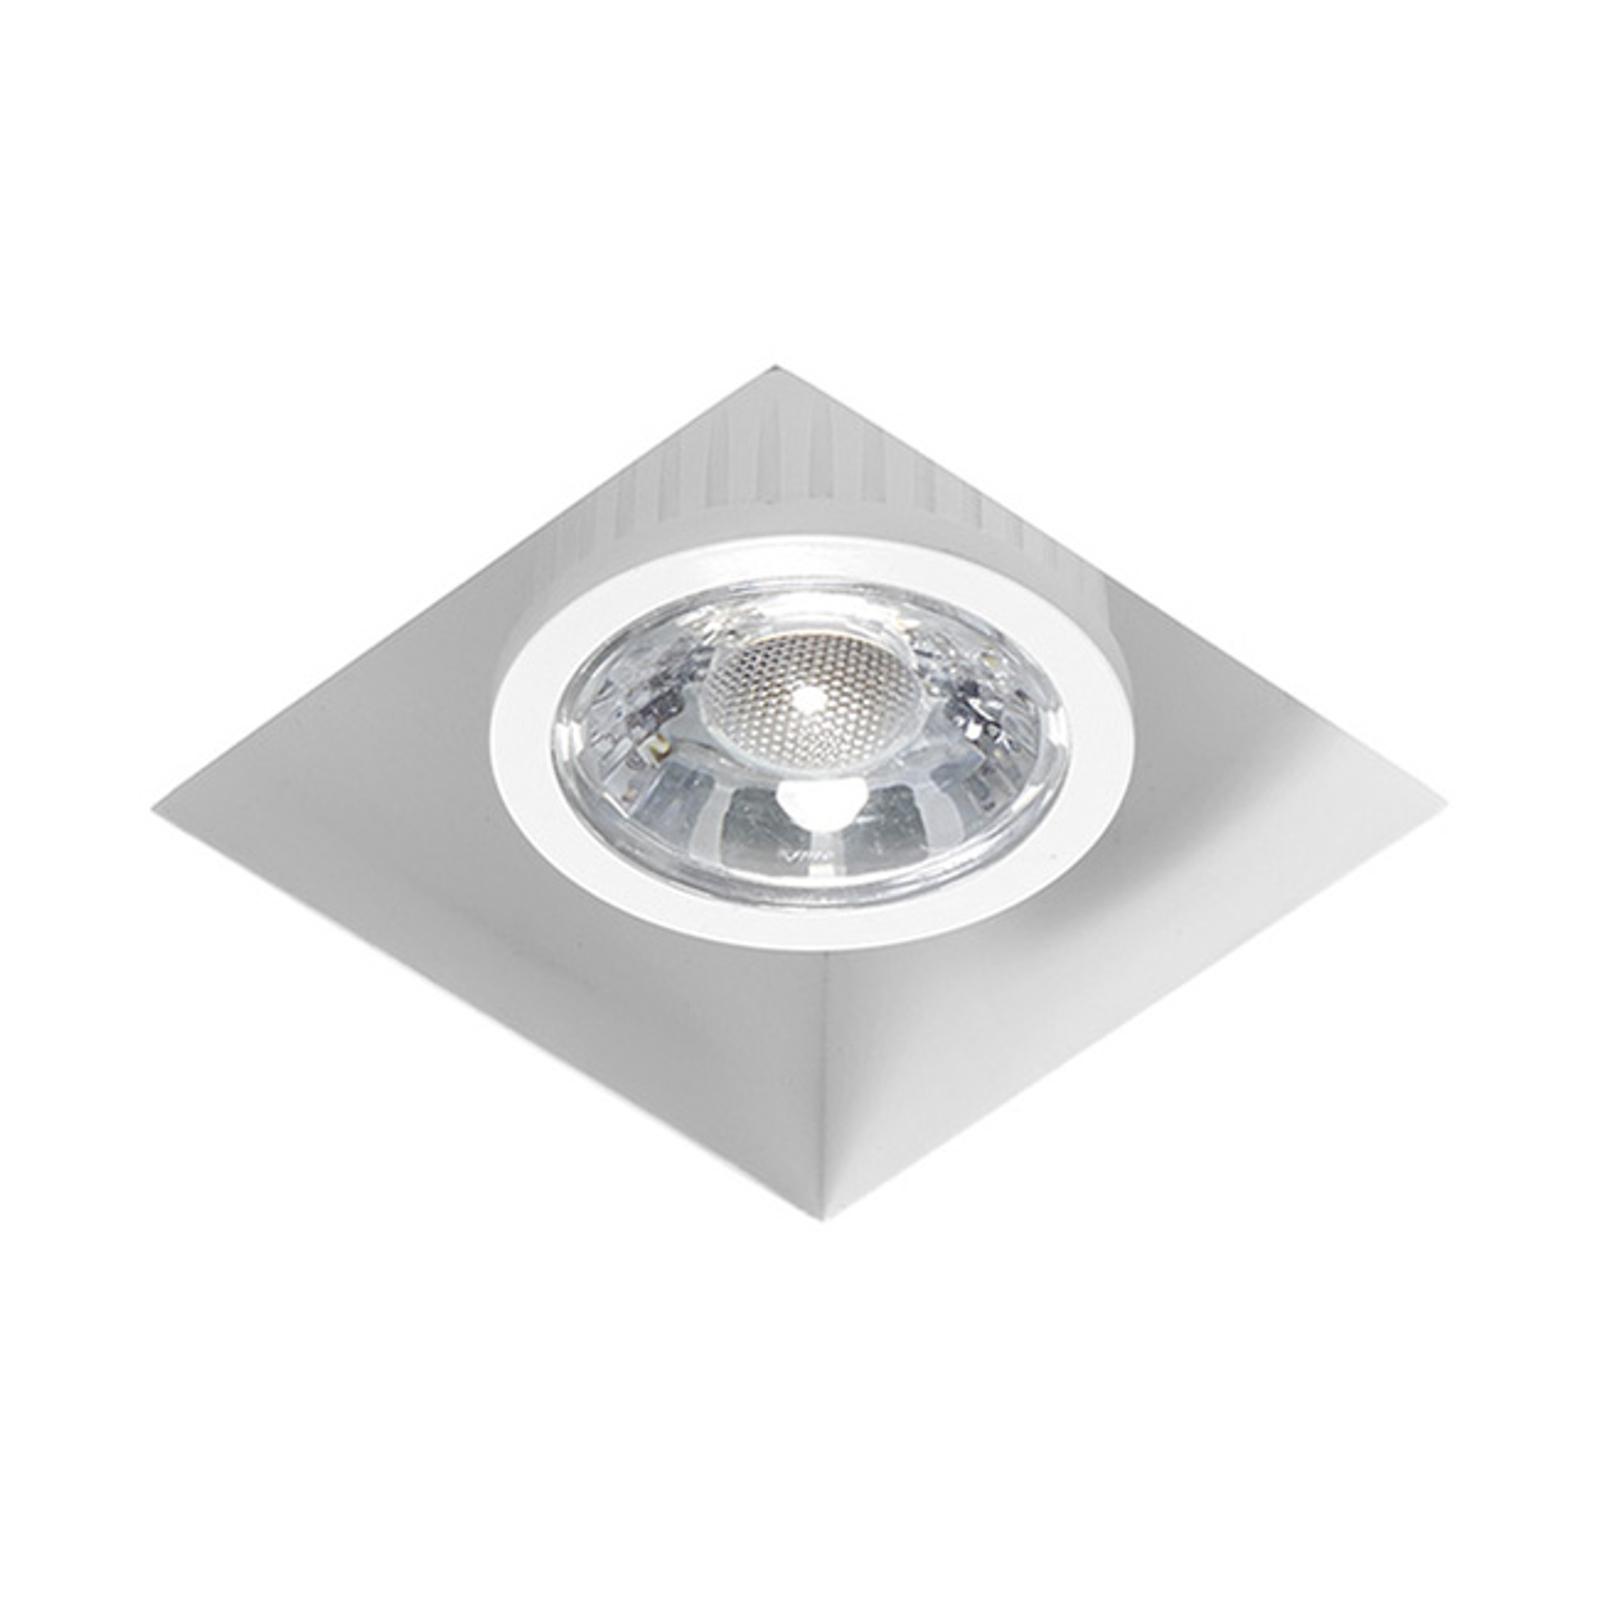 Kattouppovalaisin Olympia T231, 1-lamppuinen